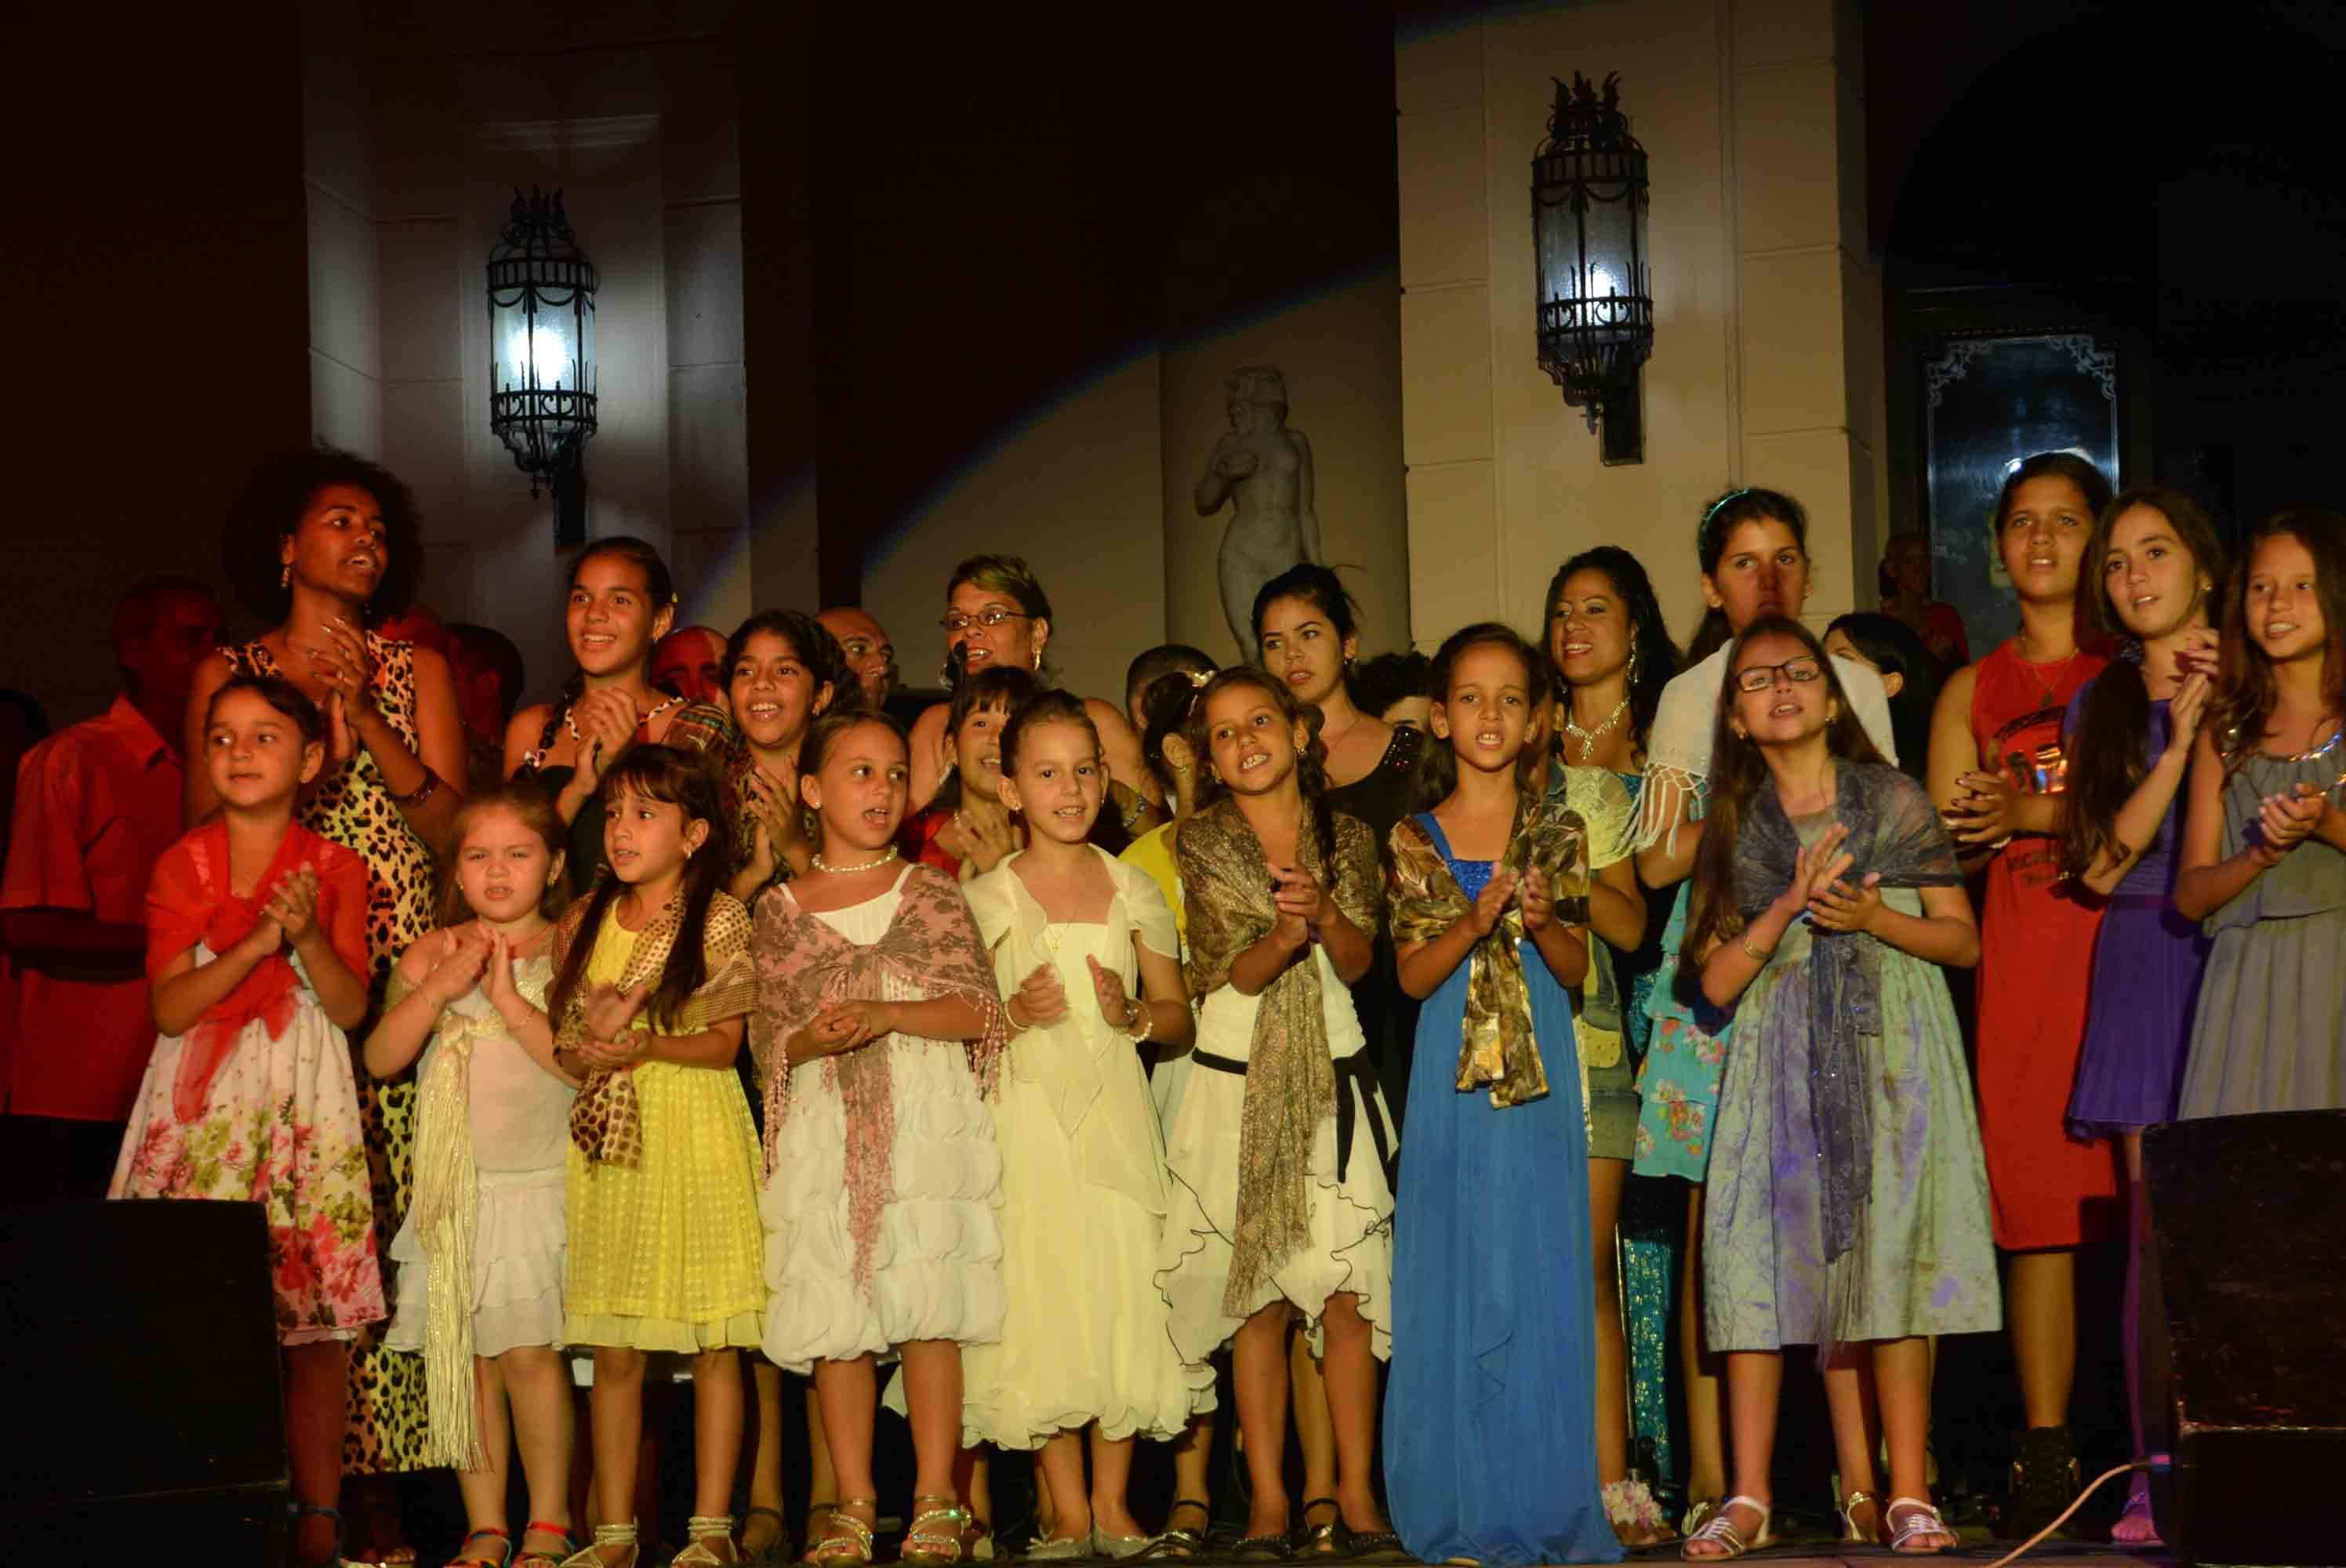 Cuba entera ha venido celebrando los 90 años del líder de la Revolución. (Fotos Oscar Alfonso)